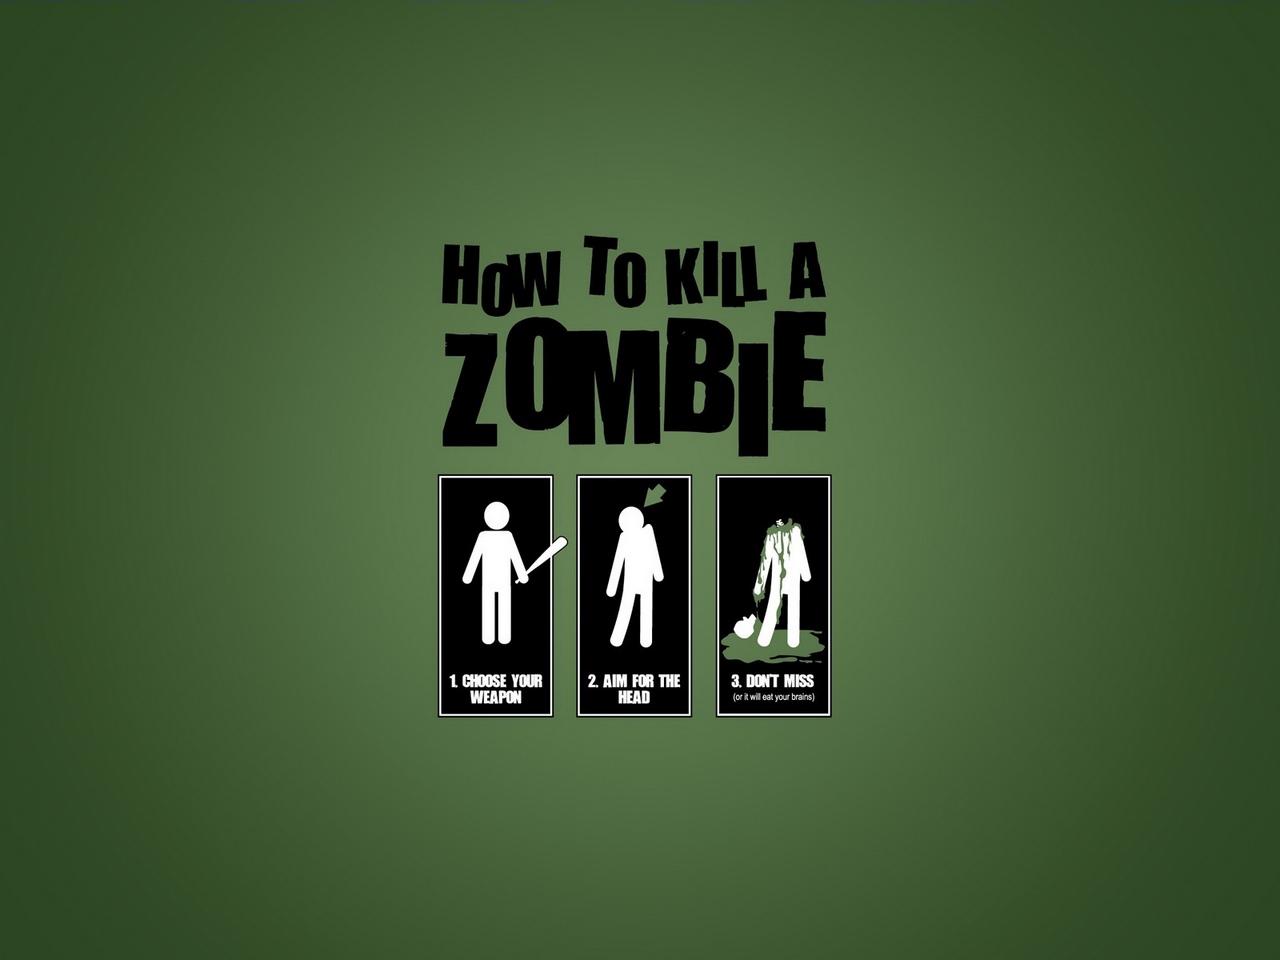 zombie, bit, how to kill zombie